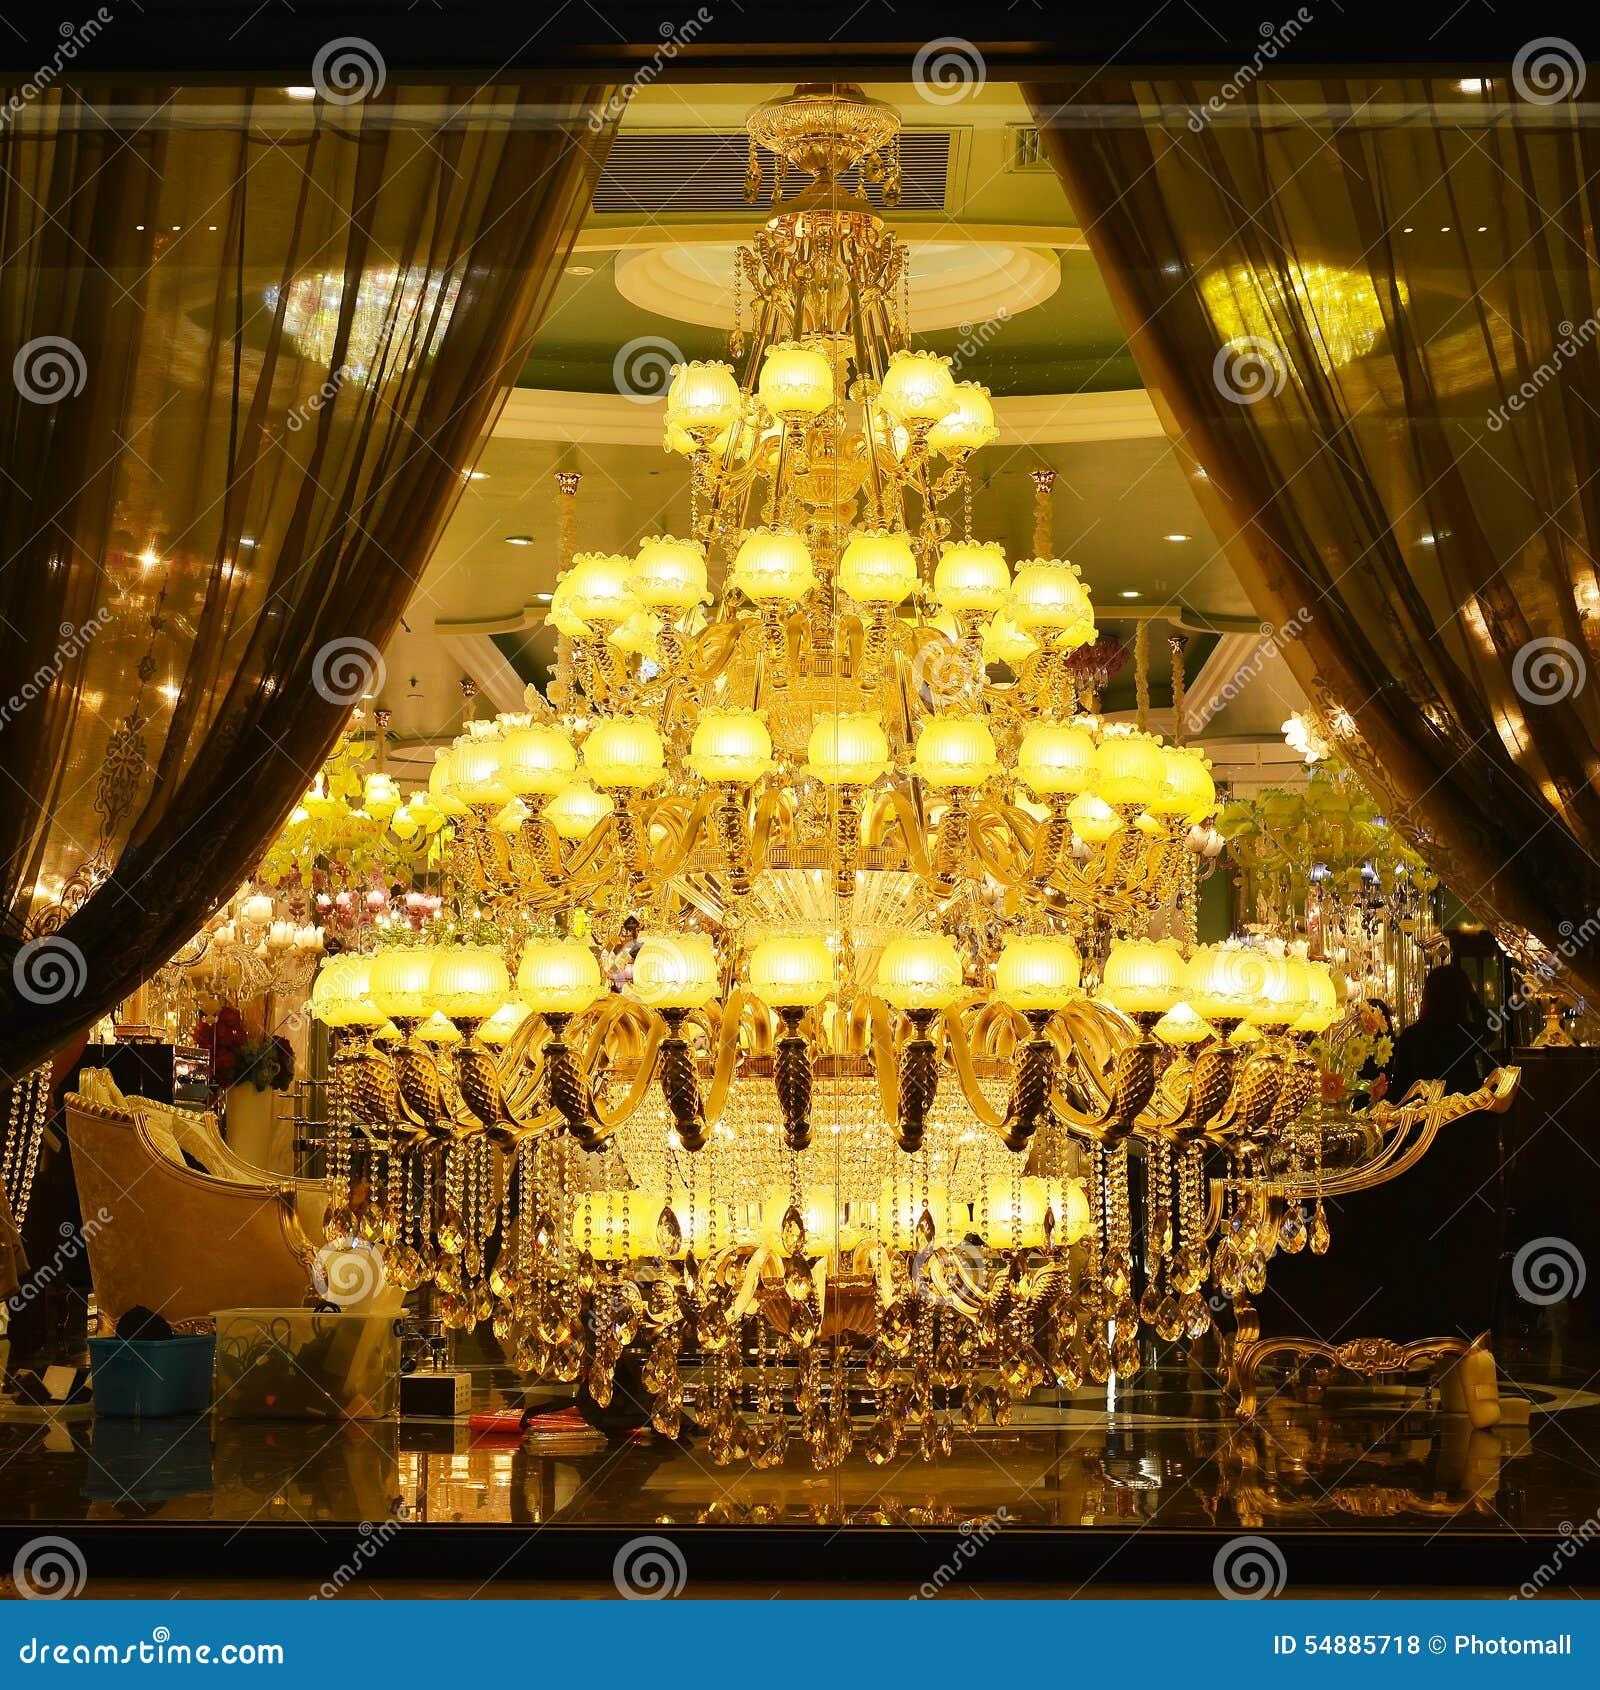 Iluminação de cristal luxuosa gigante